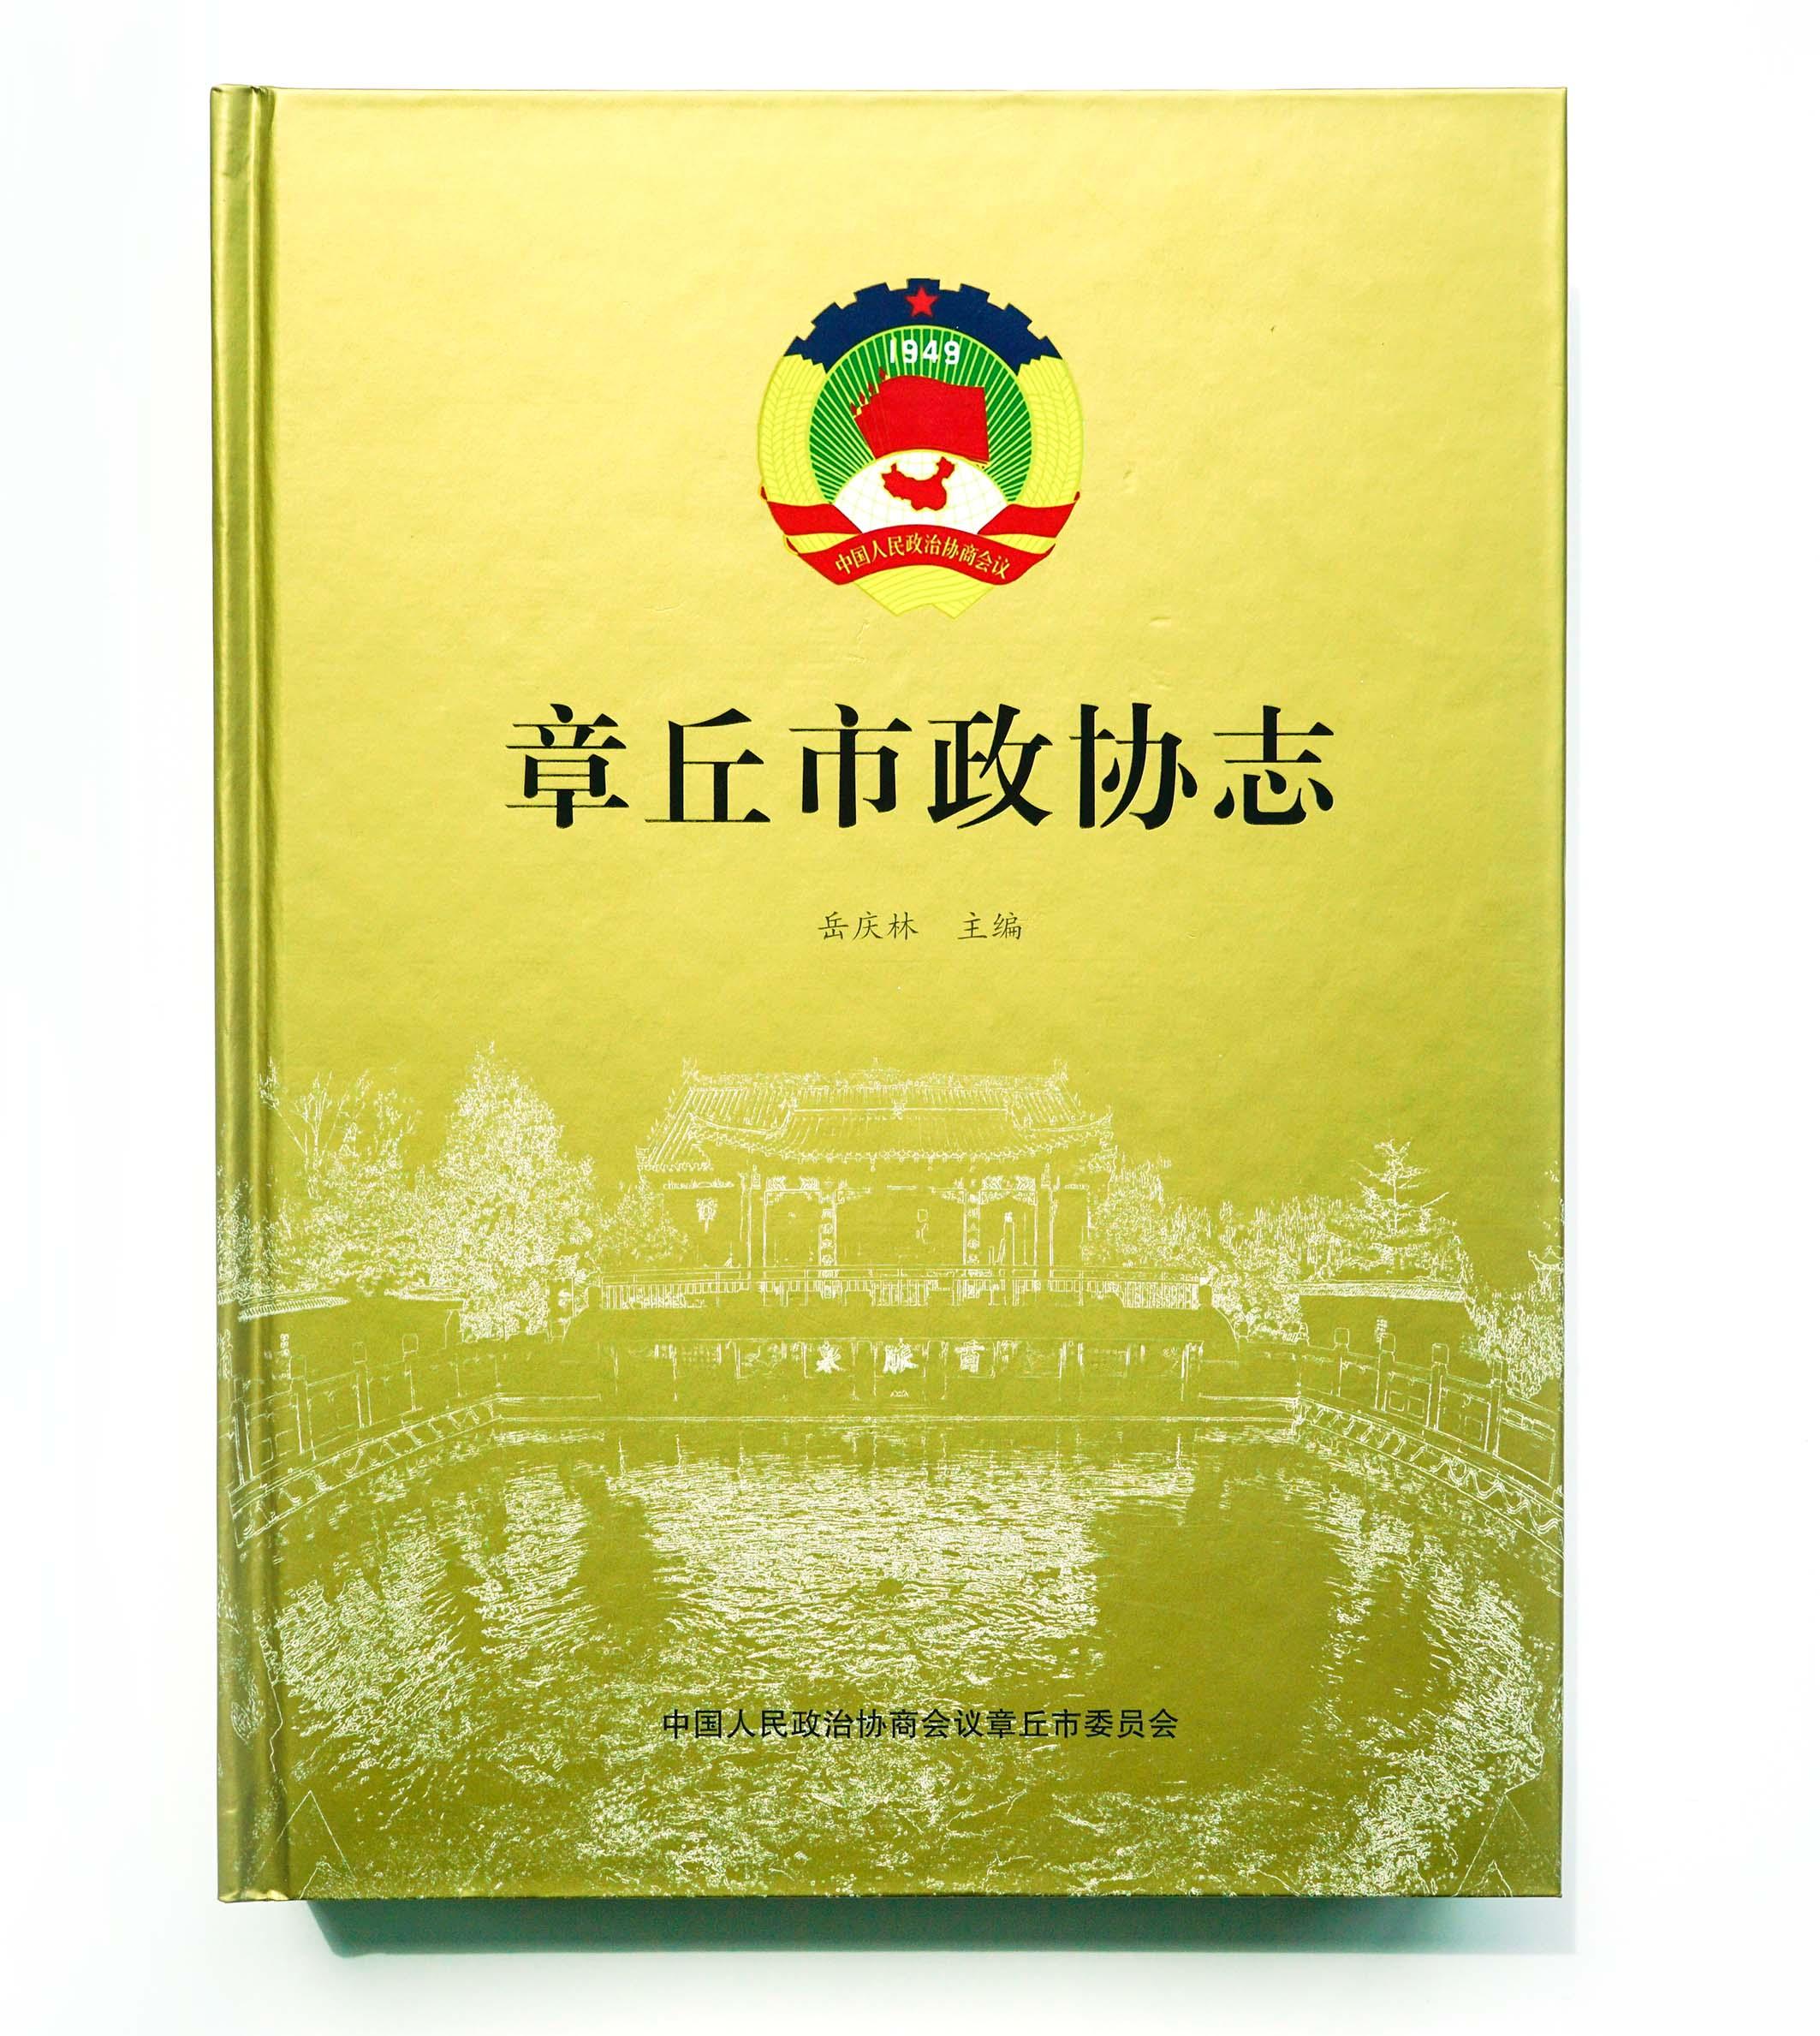 章丘市政协志